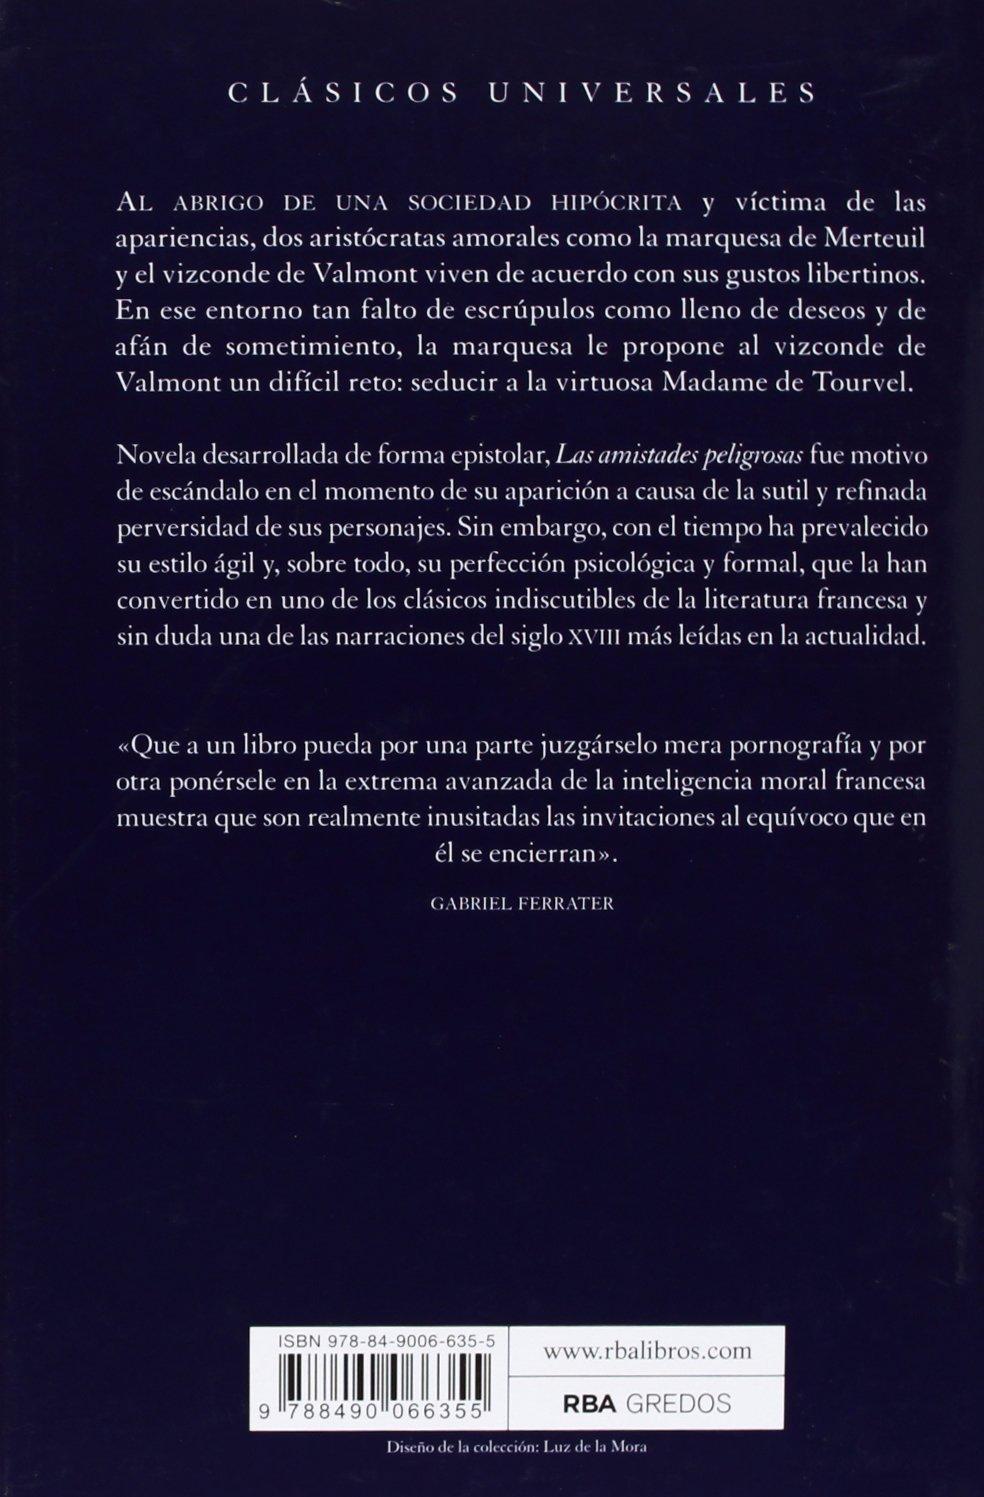 Las amistades peligrosas: Pierre-Ambroise-François Choderlos de Laclos: 9788490066355: Amazon.com: Books